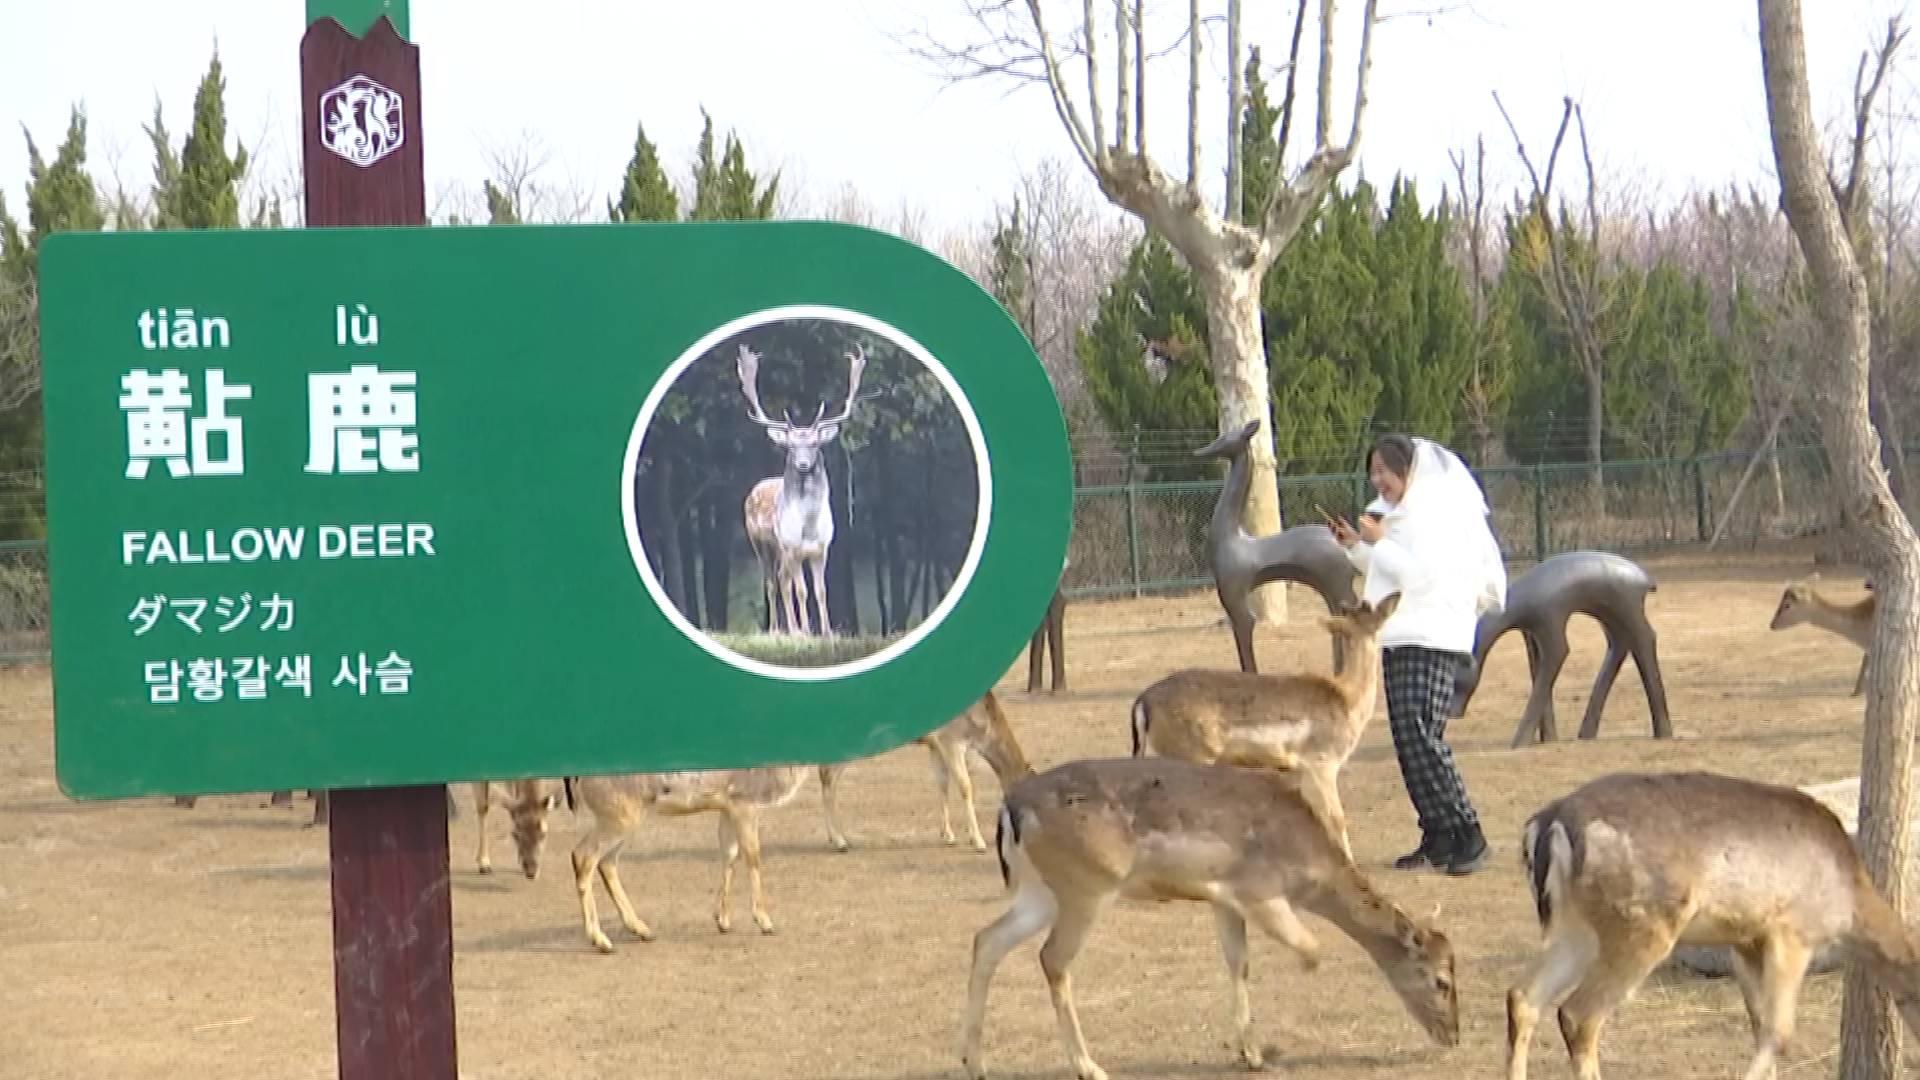 美女与萌兽 济南野生动物世界纱漫女神节上线